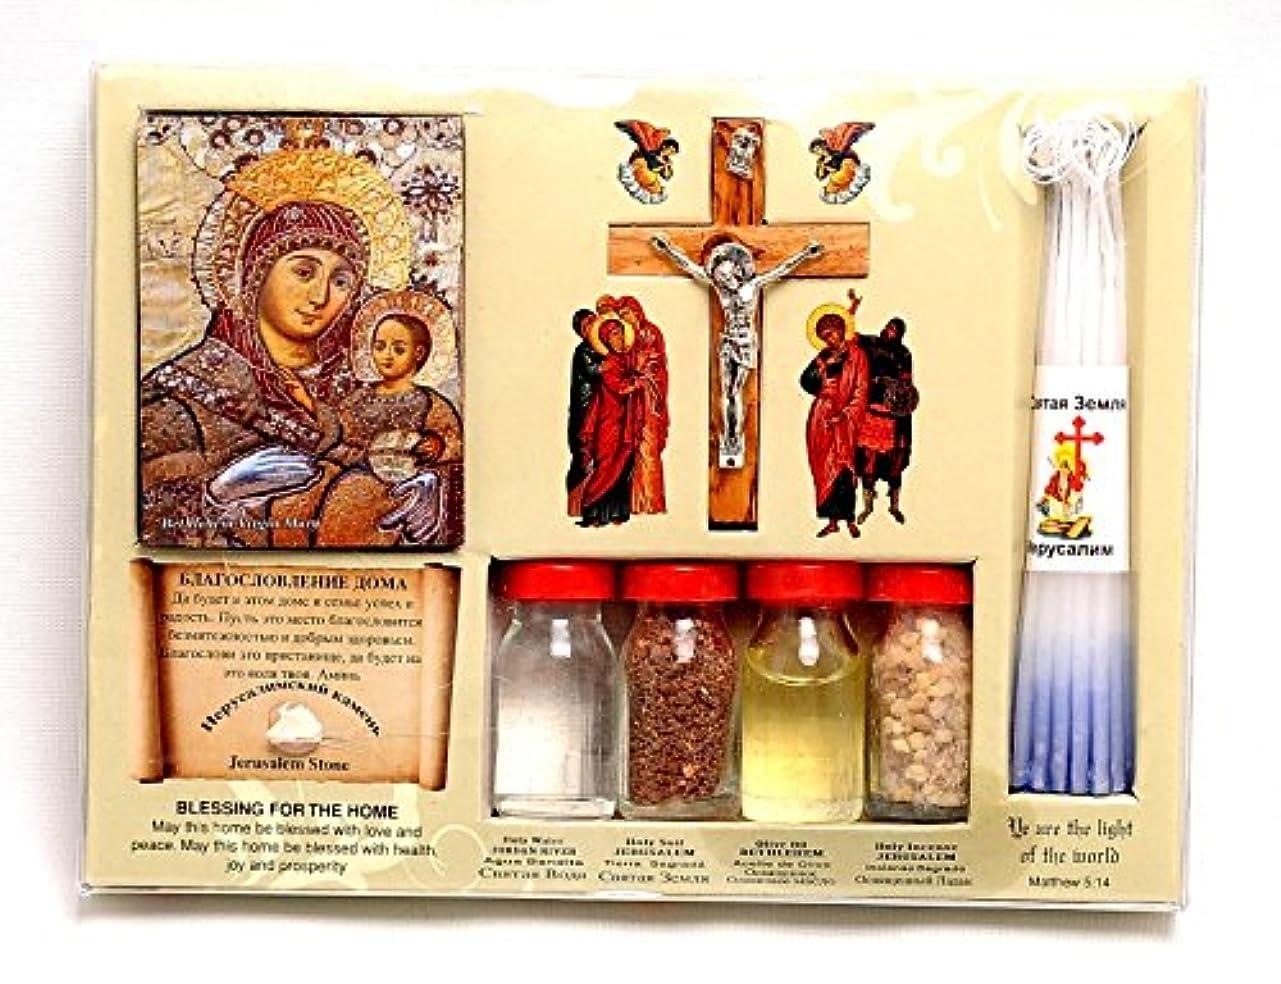 口述する相手結婚するホーム祝福キットボトル、クロス&キャンドルから聖地エルサレム